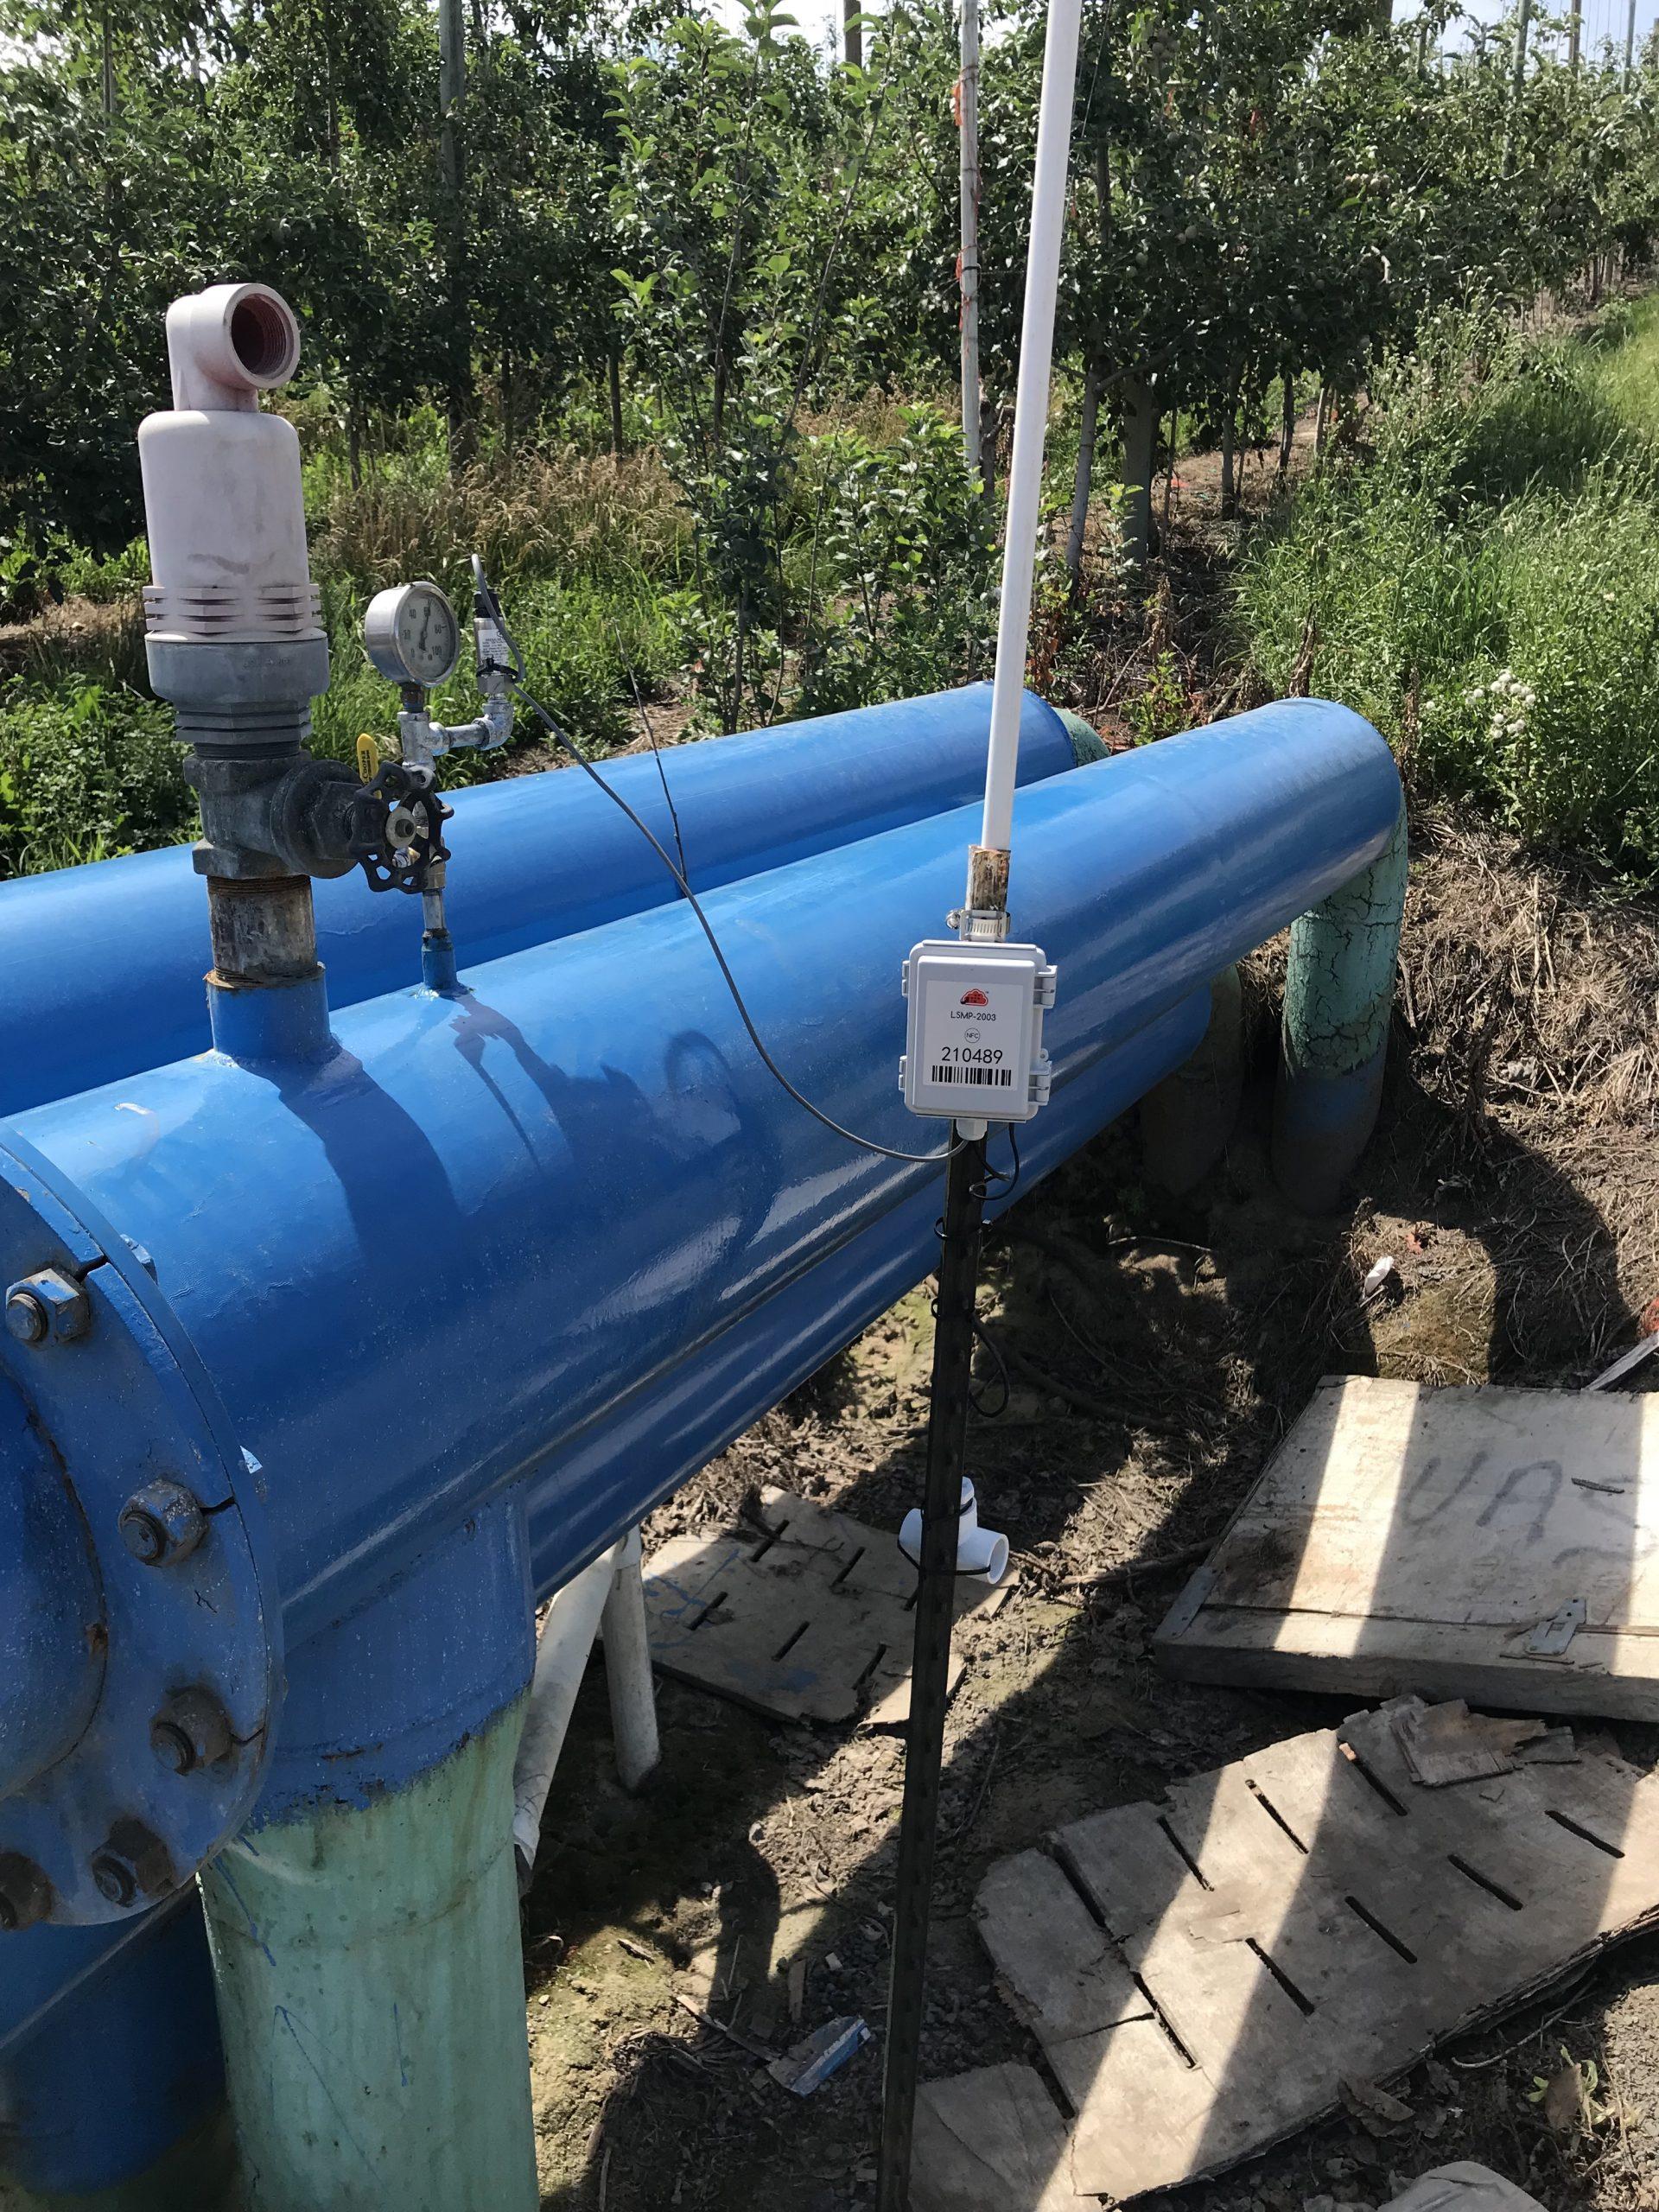 Zenseio Water Pressure Monitoring